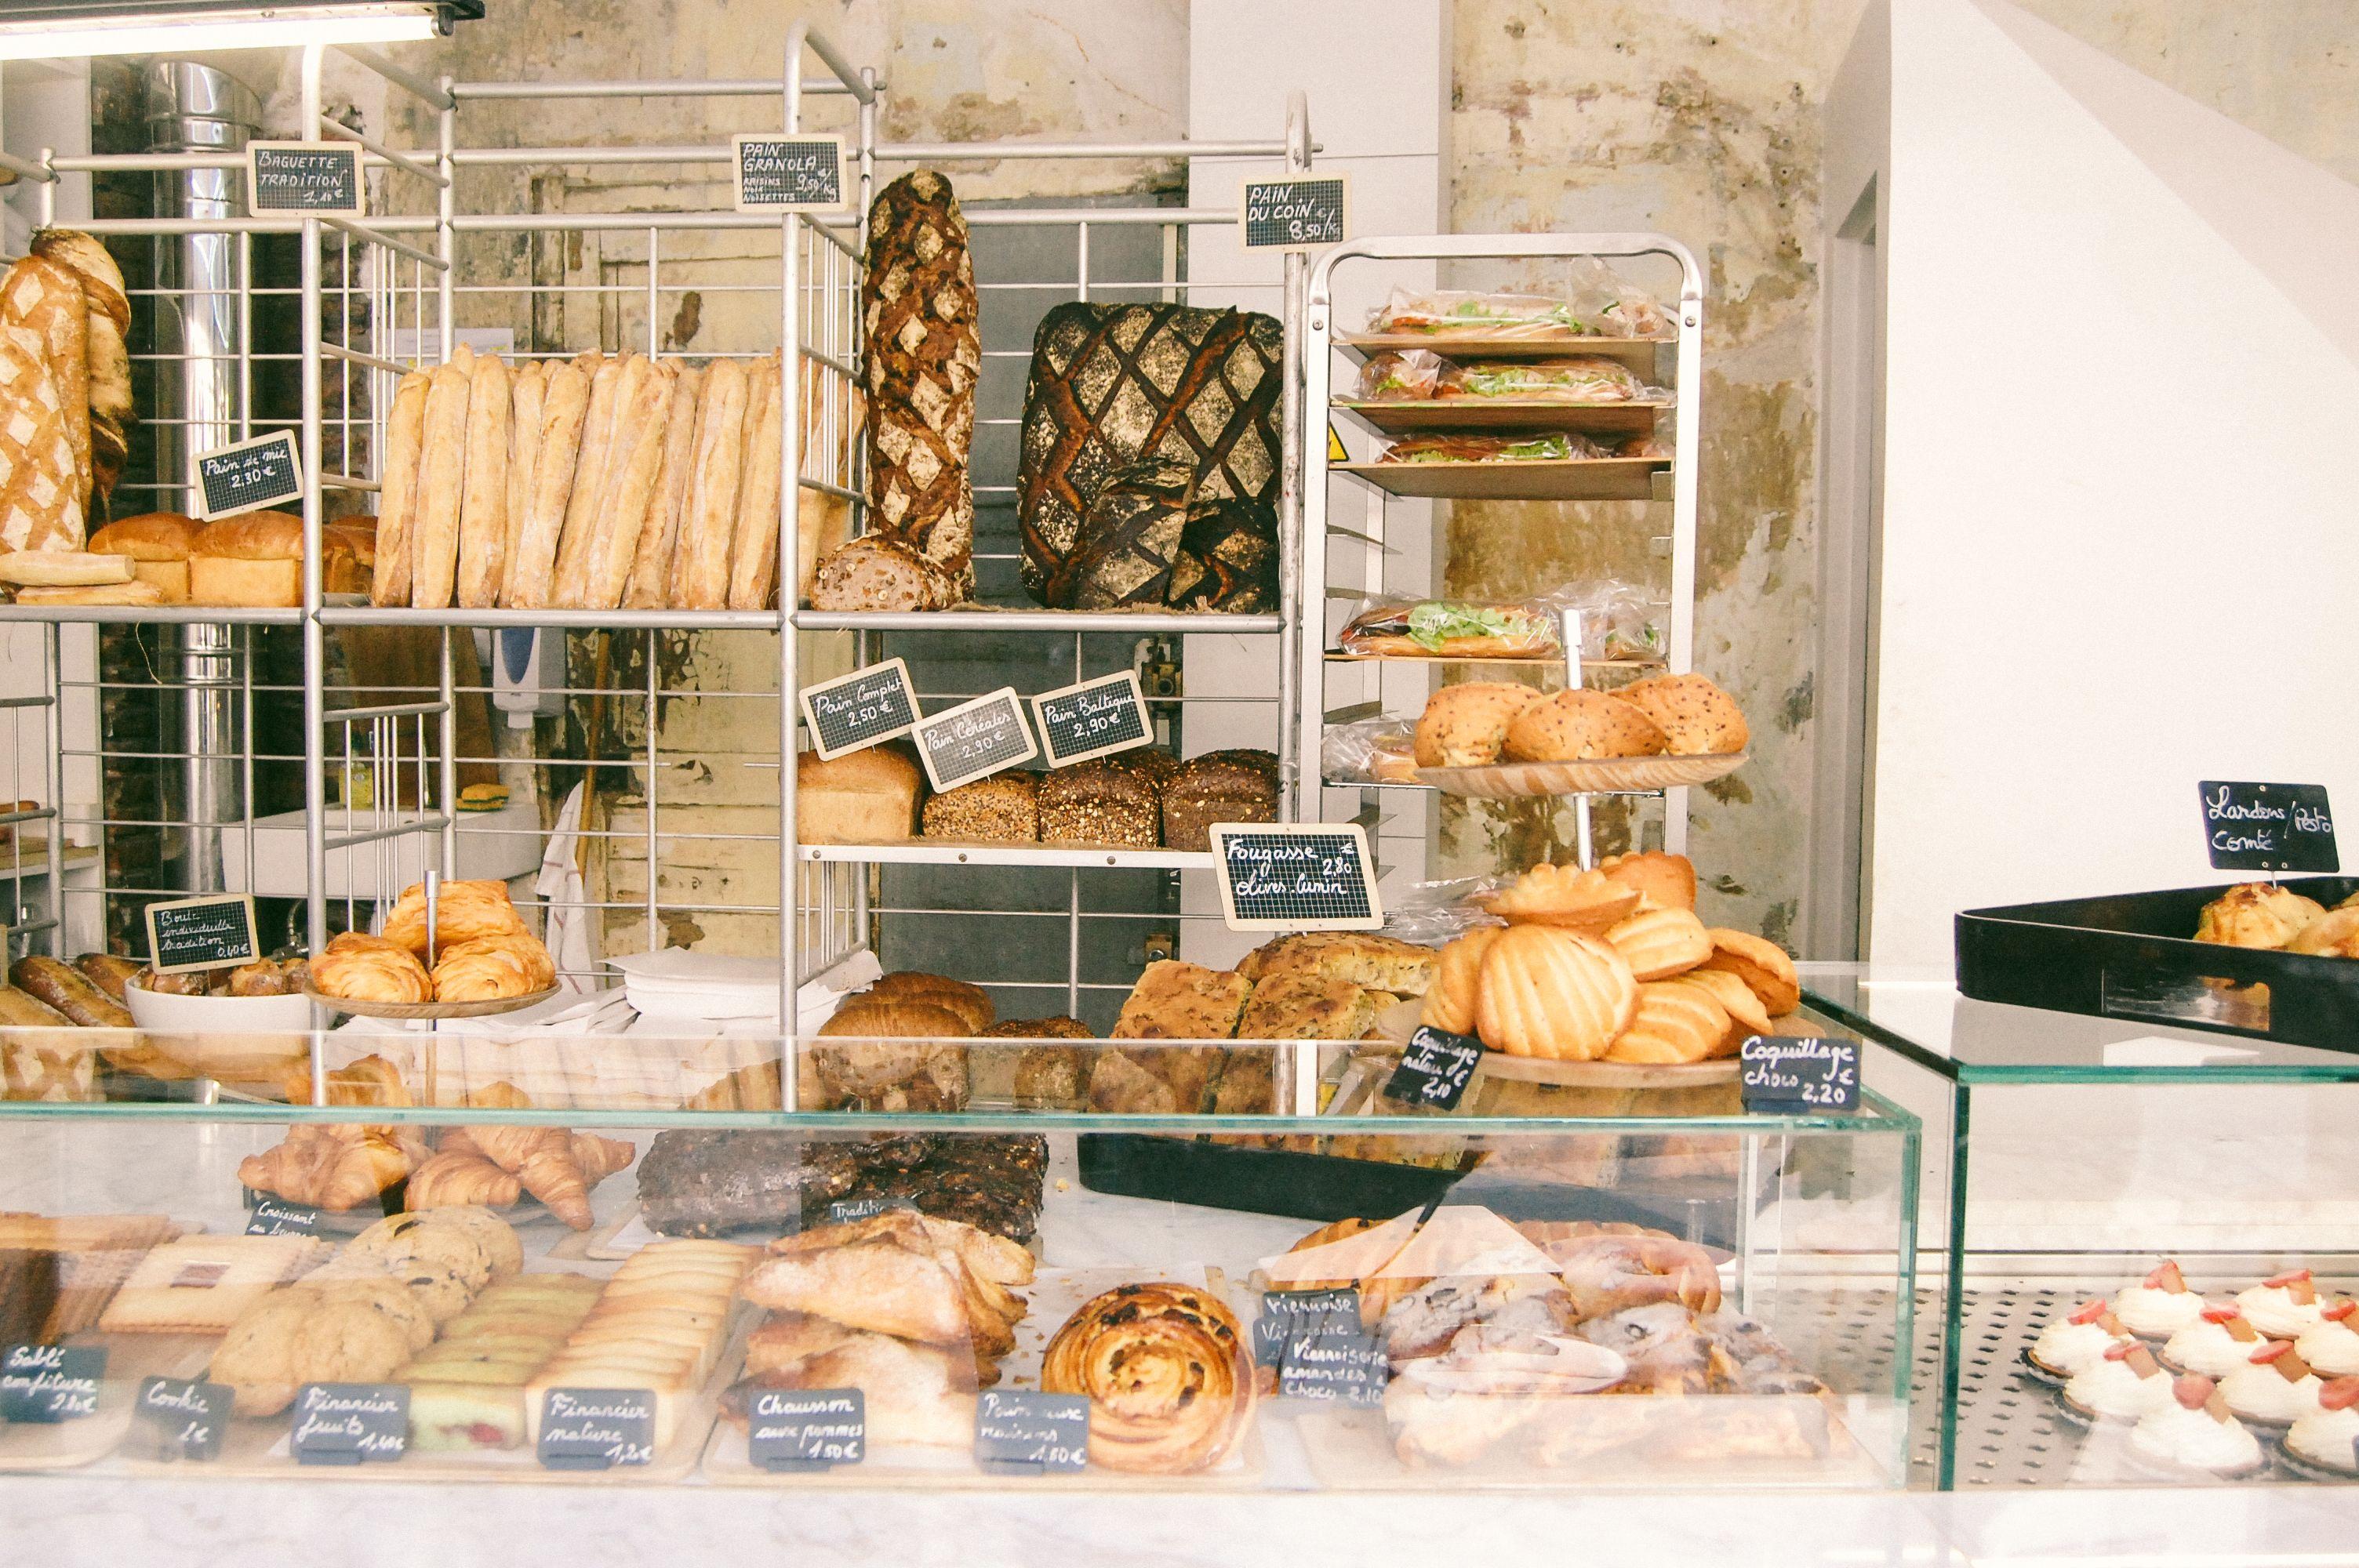 Top 1 Best croissant in Paris - Liberté